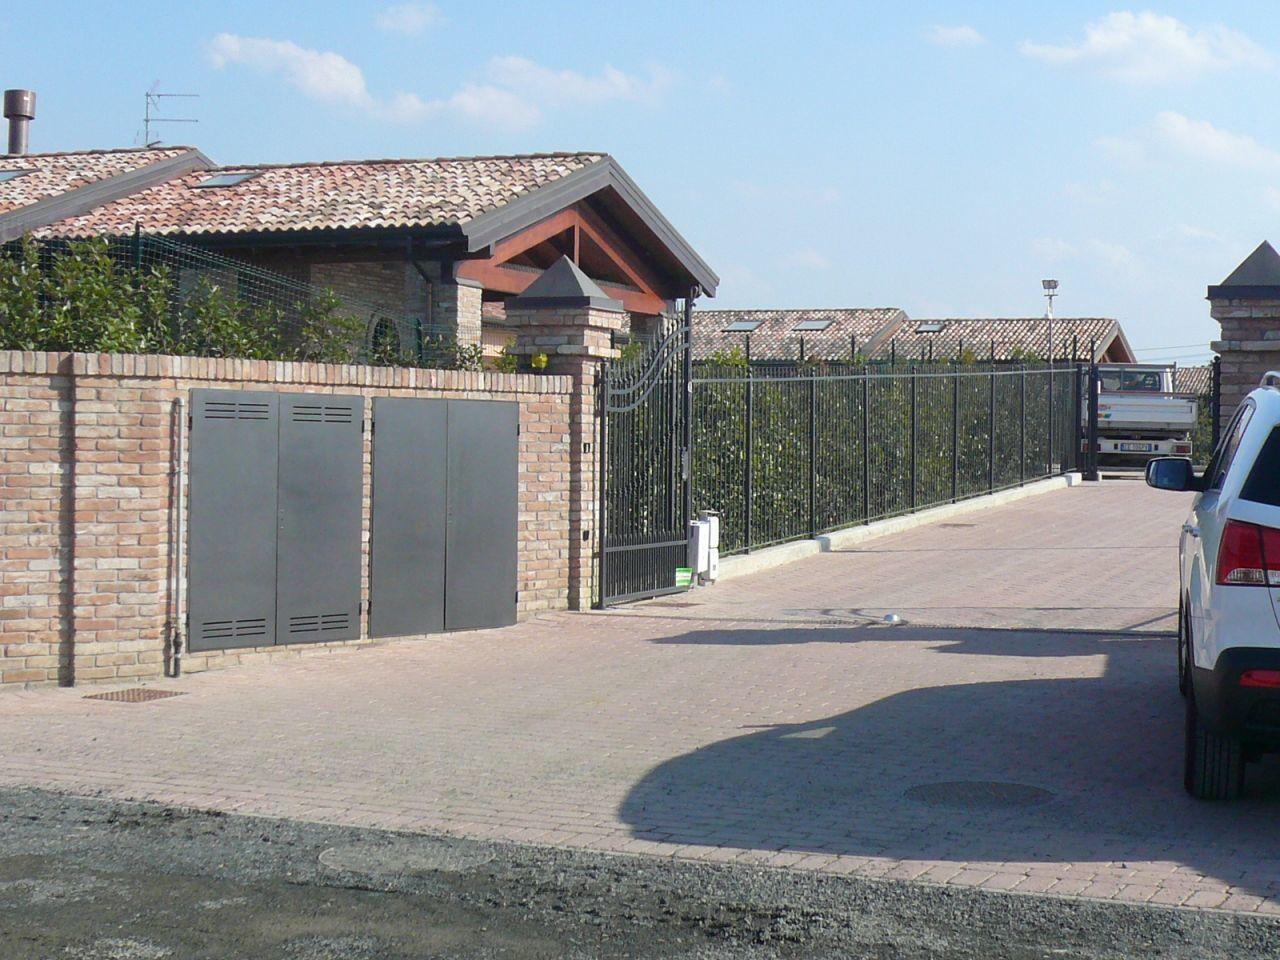 Villa in vendita a Parma, 5 locali, prezzo € 550.000 | Cambio Casa.it